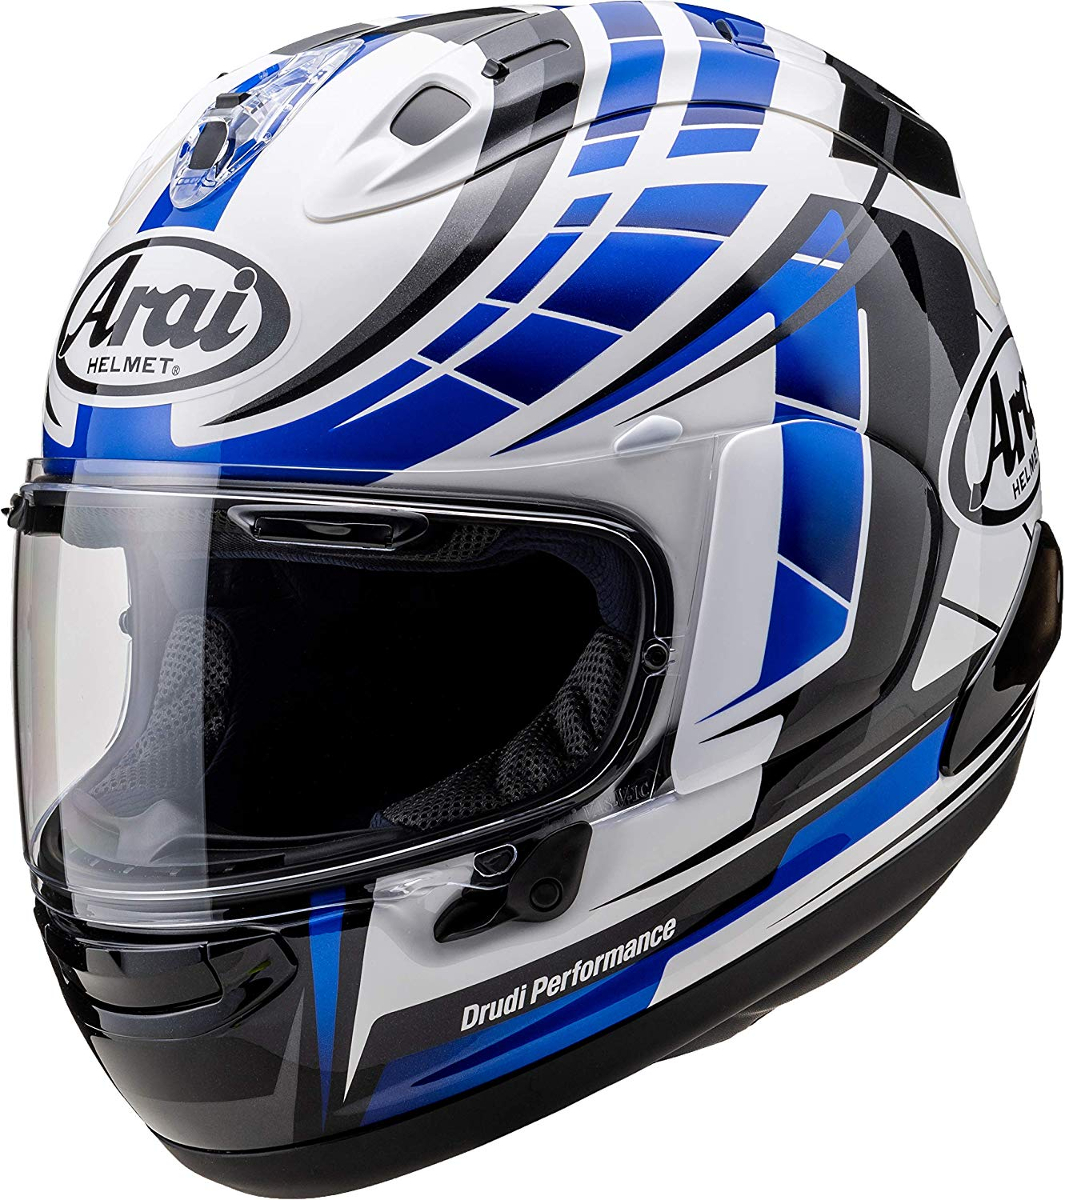 ARAI アライ フルフェイスヘルメット RX-7X RX7X (アールエックス セブンエックス) PLANET (プラネット) ブルー XLサイズ 61-62cm